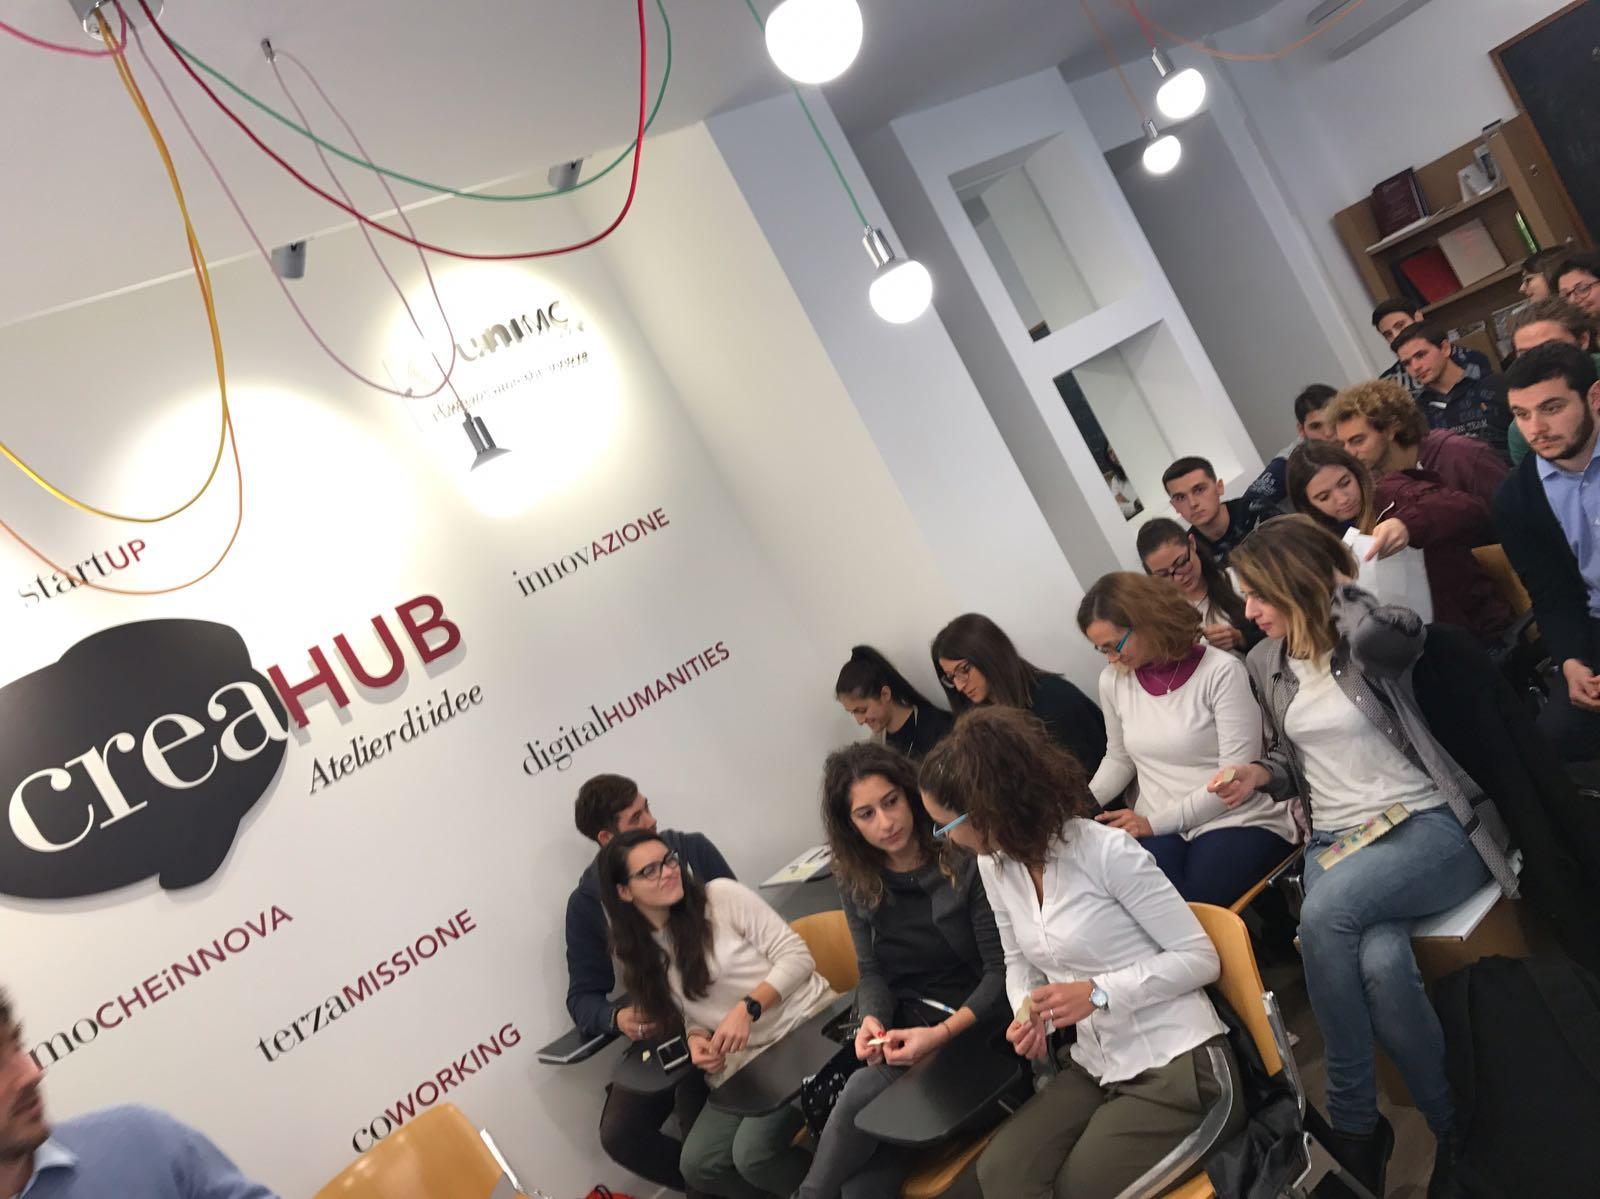 CreaHub, studenti Unimc a caccia di idee imprenditoriali